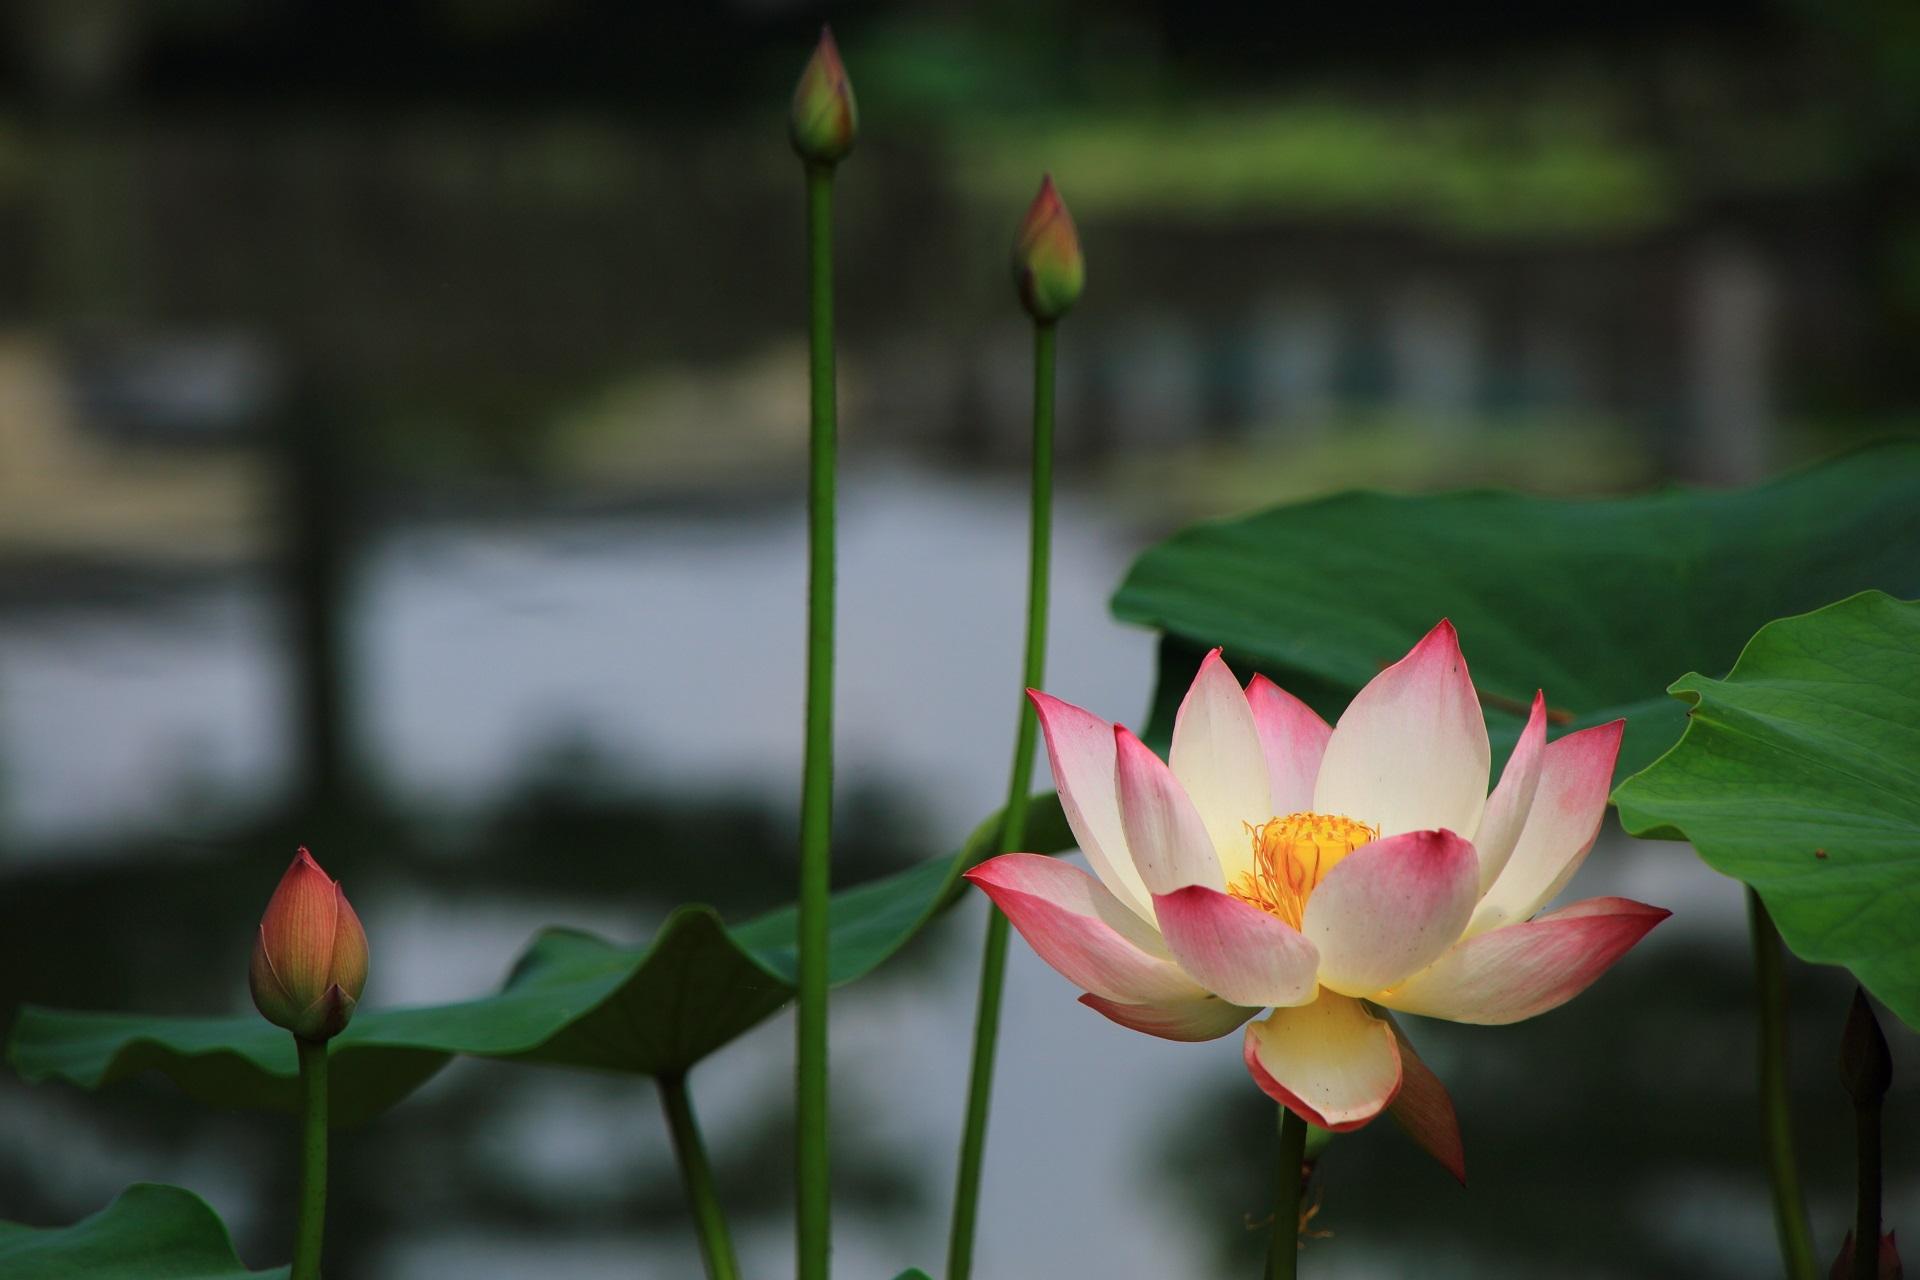 花びらの先がピンクに染まった上品な色合いの蓮の花